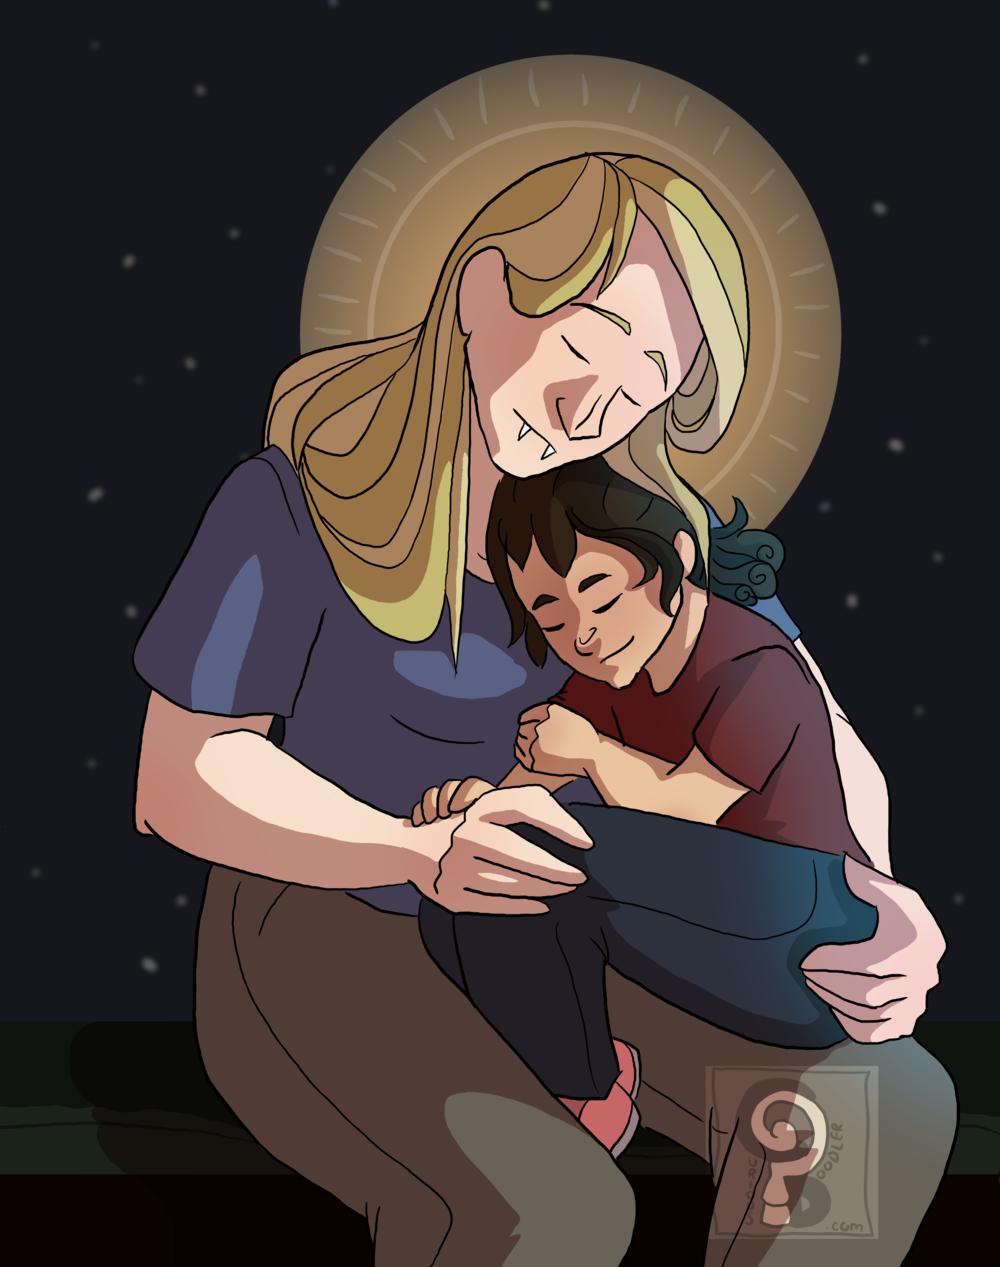 Madona and Child